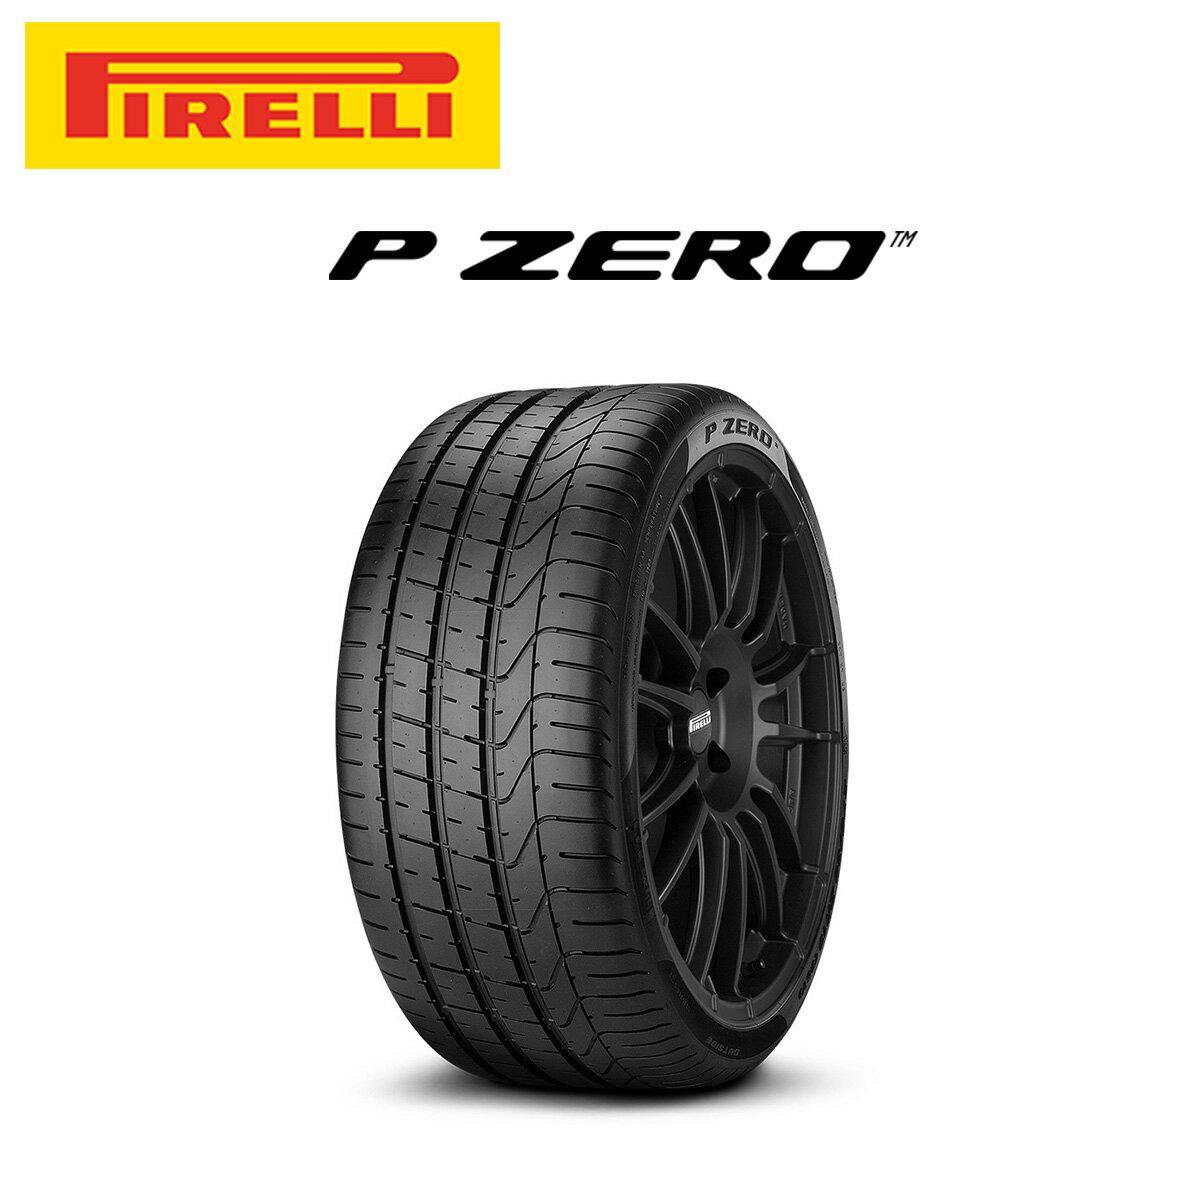 ピレリ PIRELLI P ZERO ピーゼロ 19インチ サマー タイヤ 4本 セット 255/45R19 100W MO:メルセデスベンツ承認タイヤ 1767200